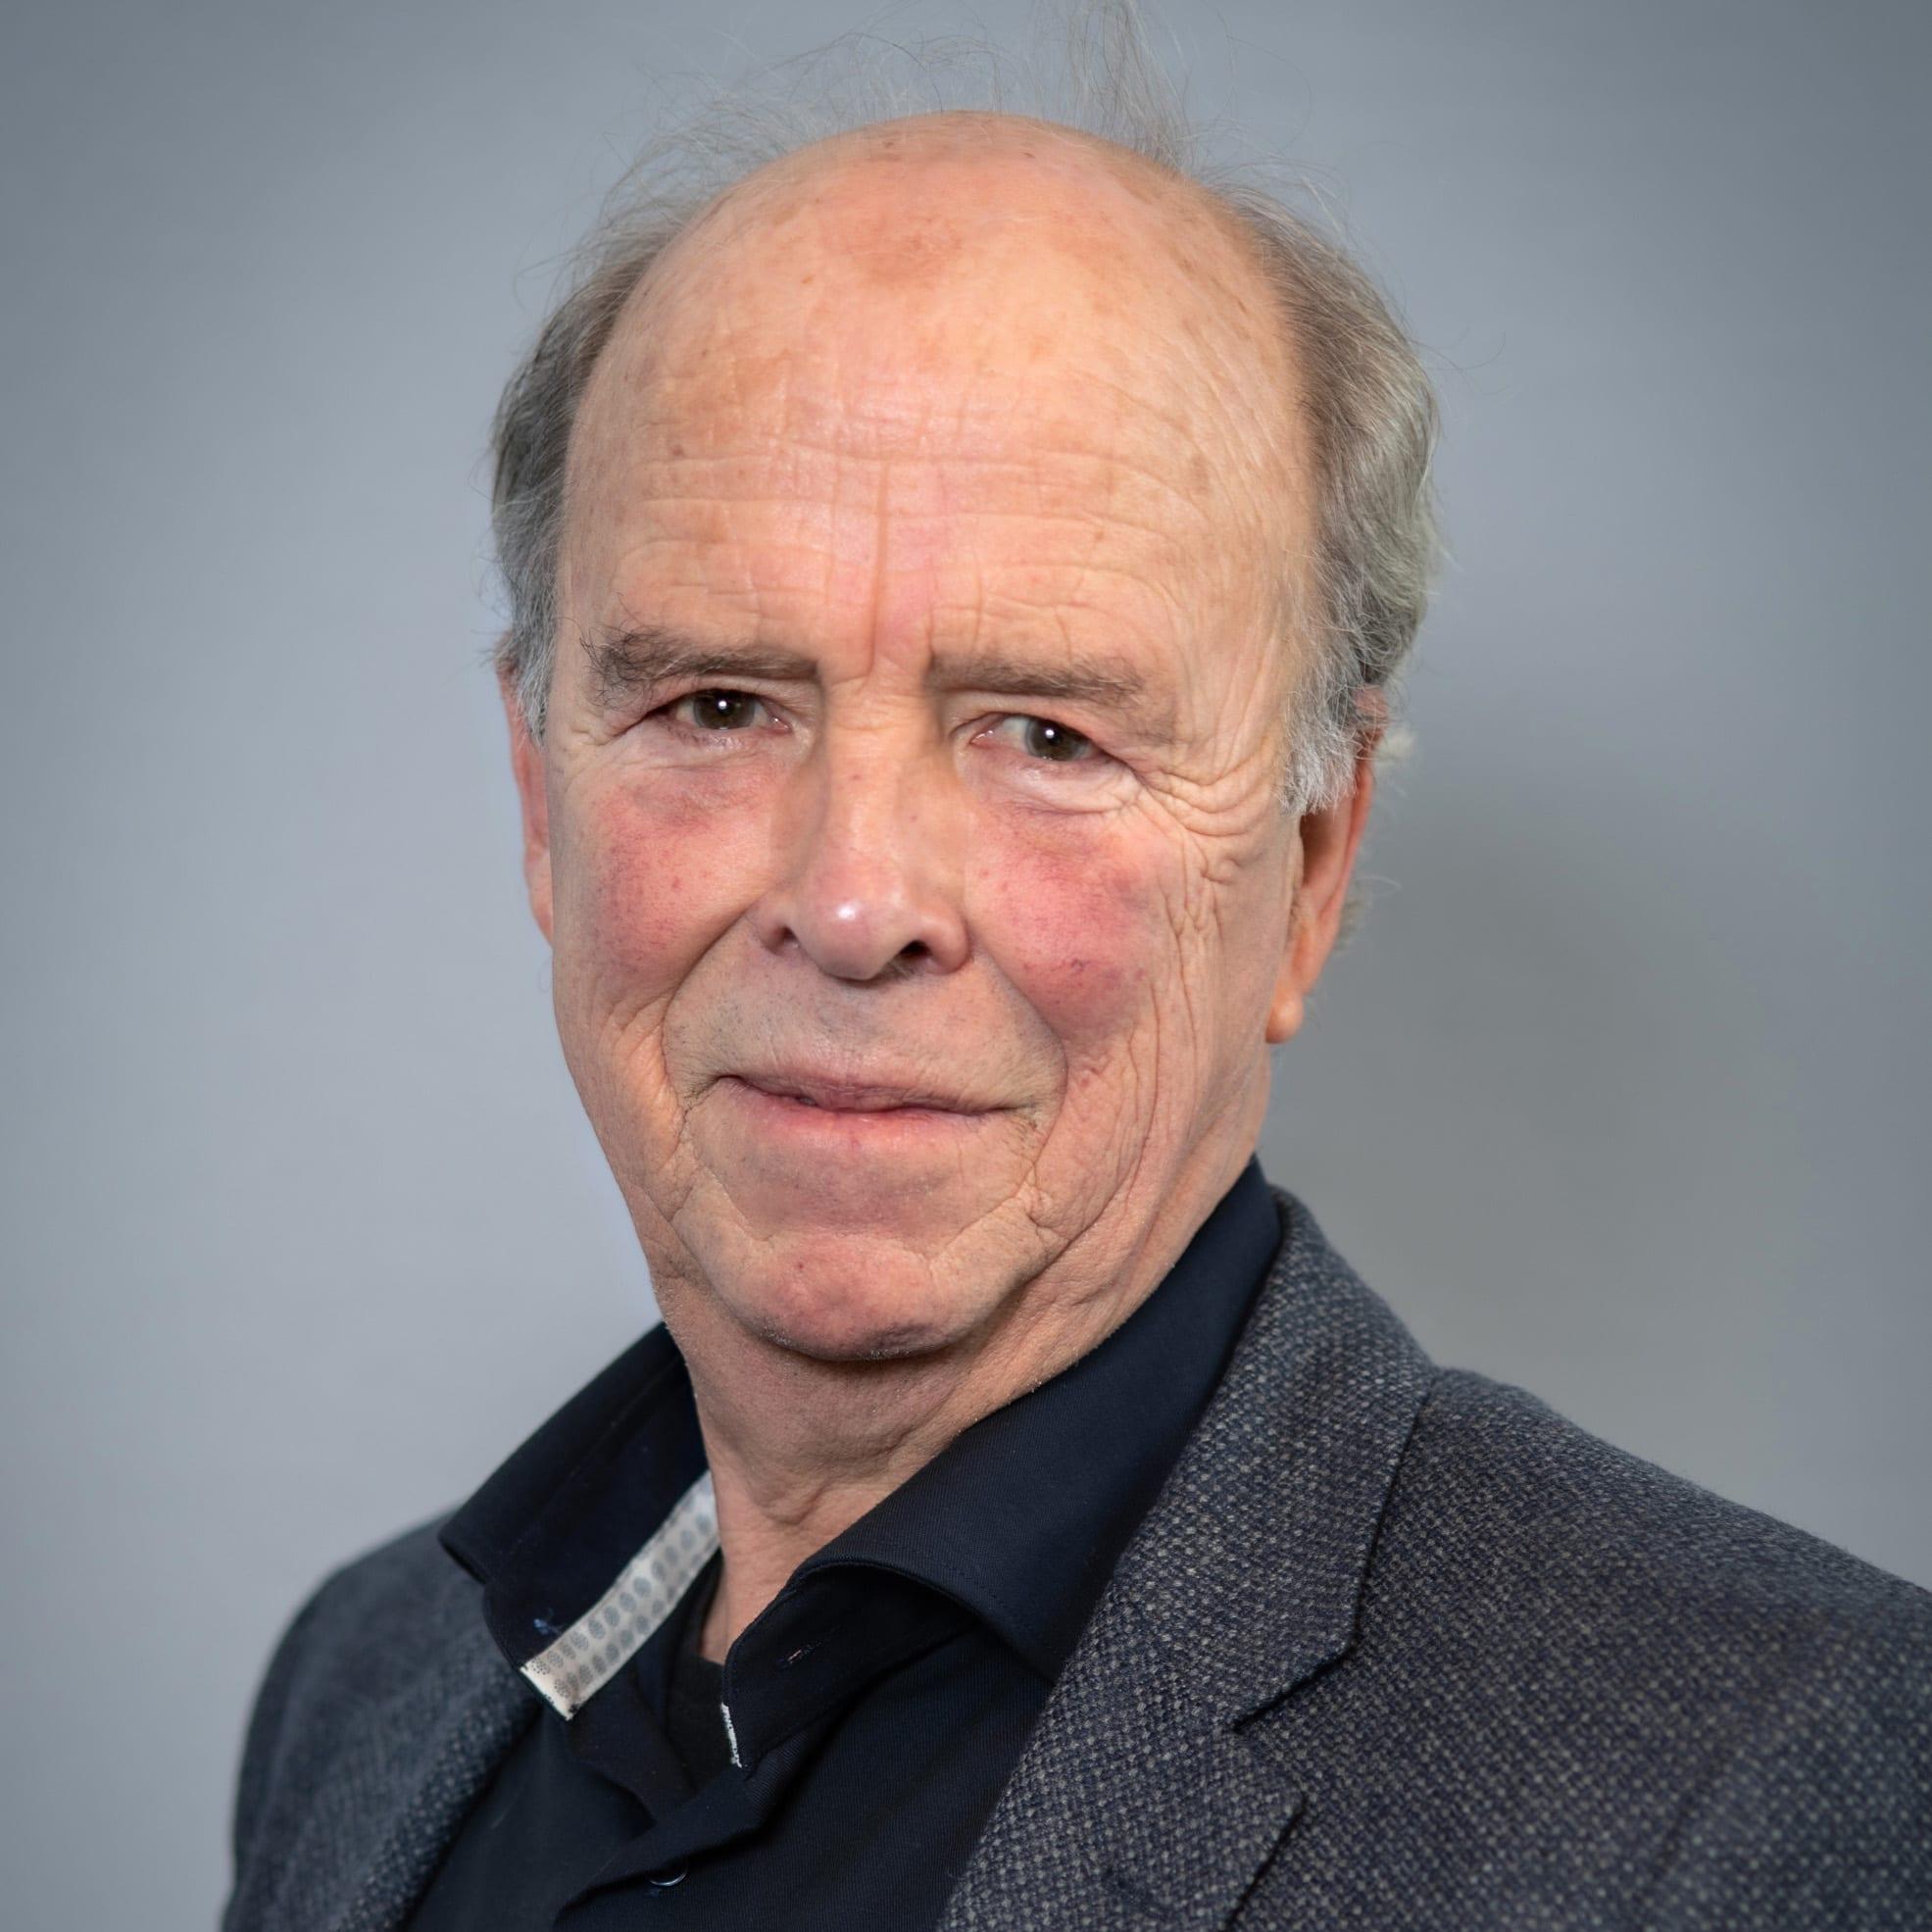 Nico van der Windt